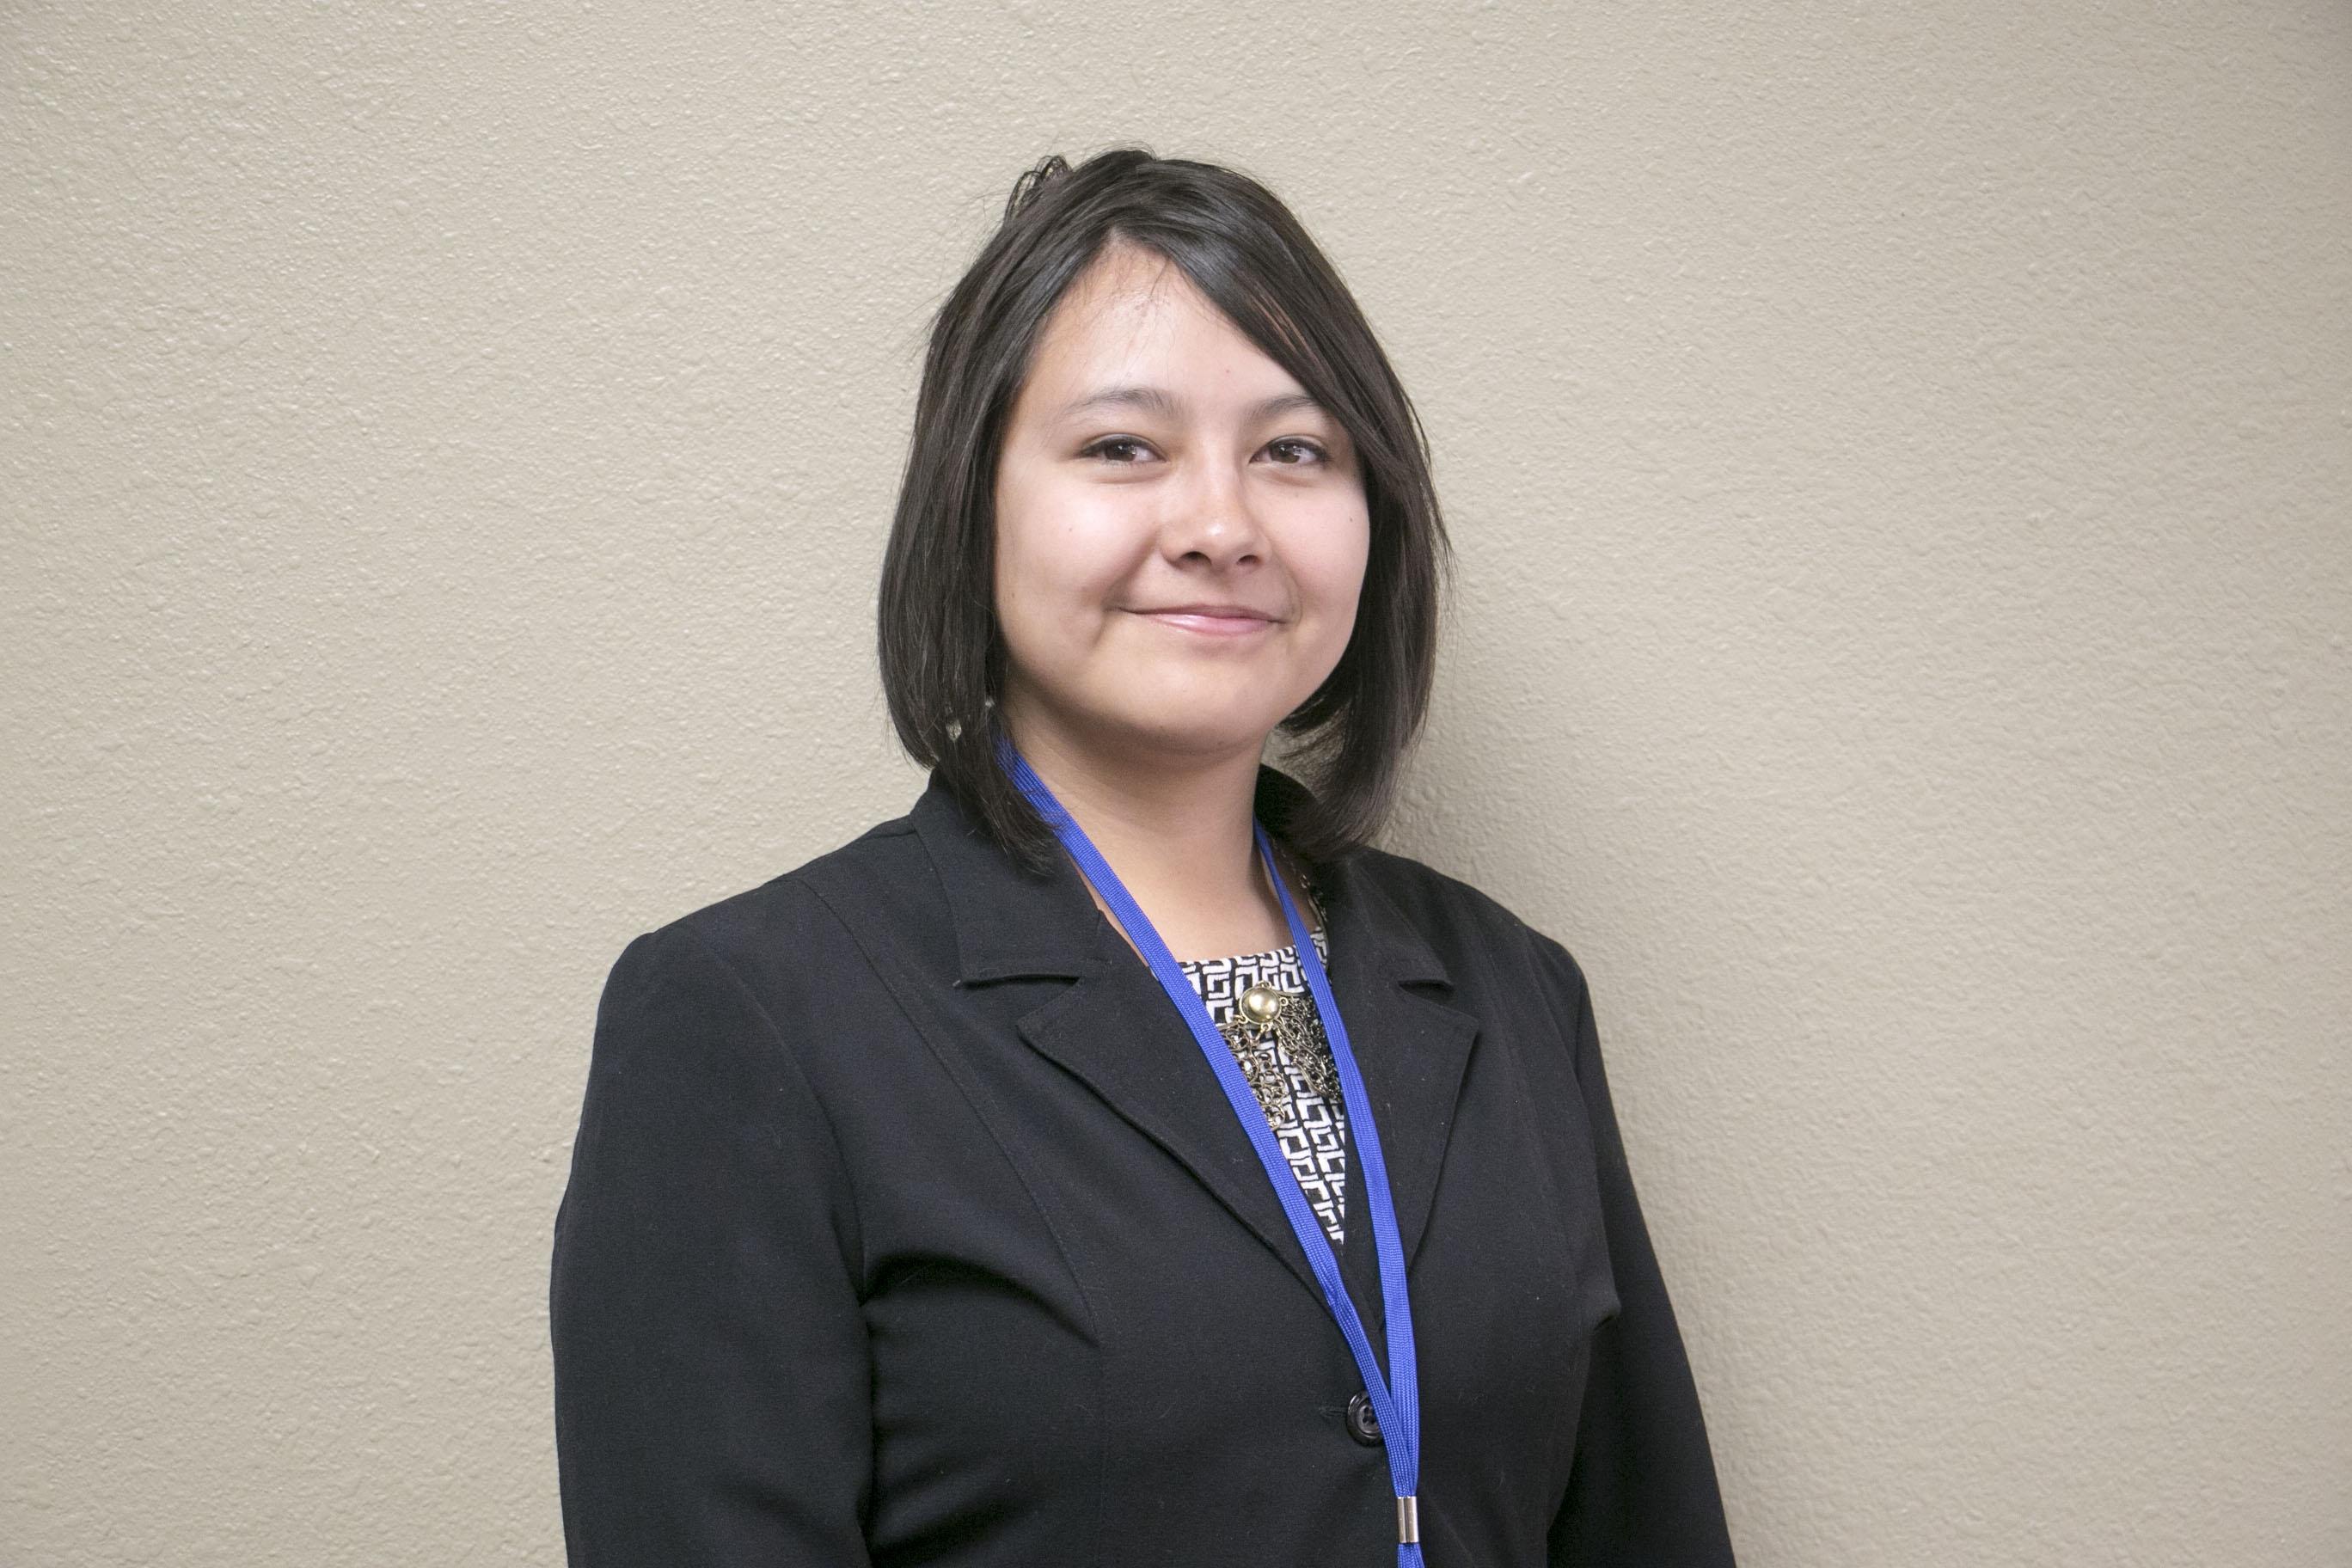 Michelle Patino Calero